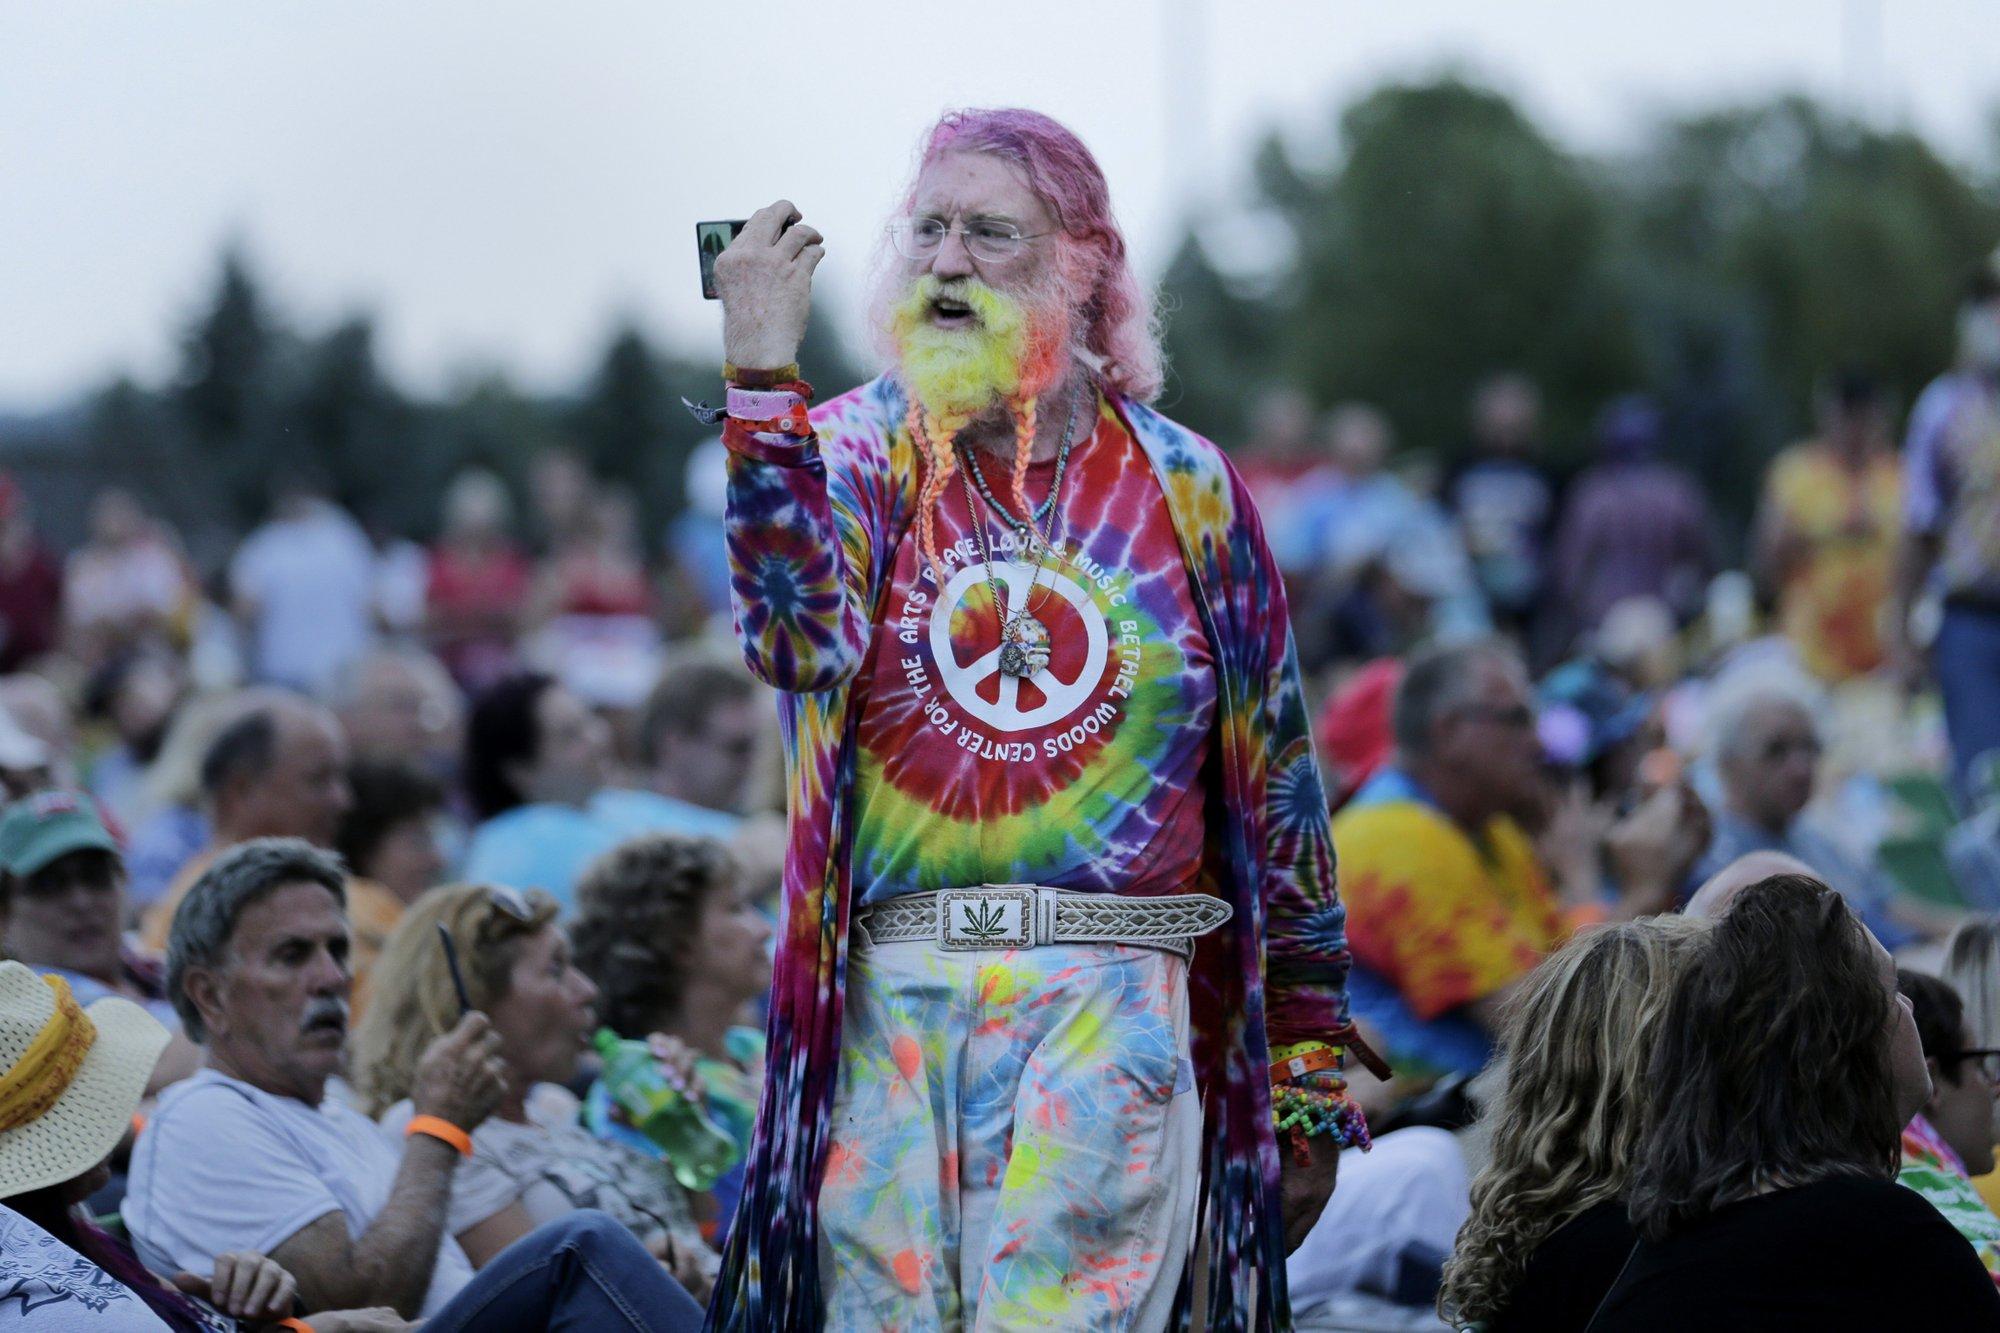 Arlo Guthrie sings as Woodstock fans flock to concert site